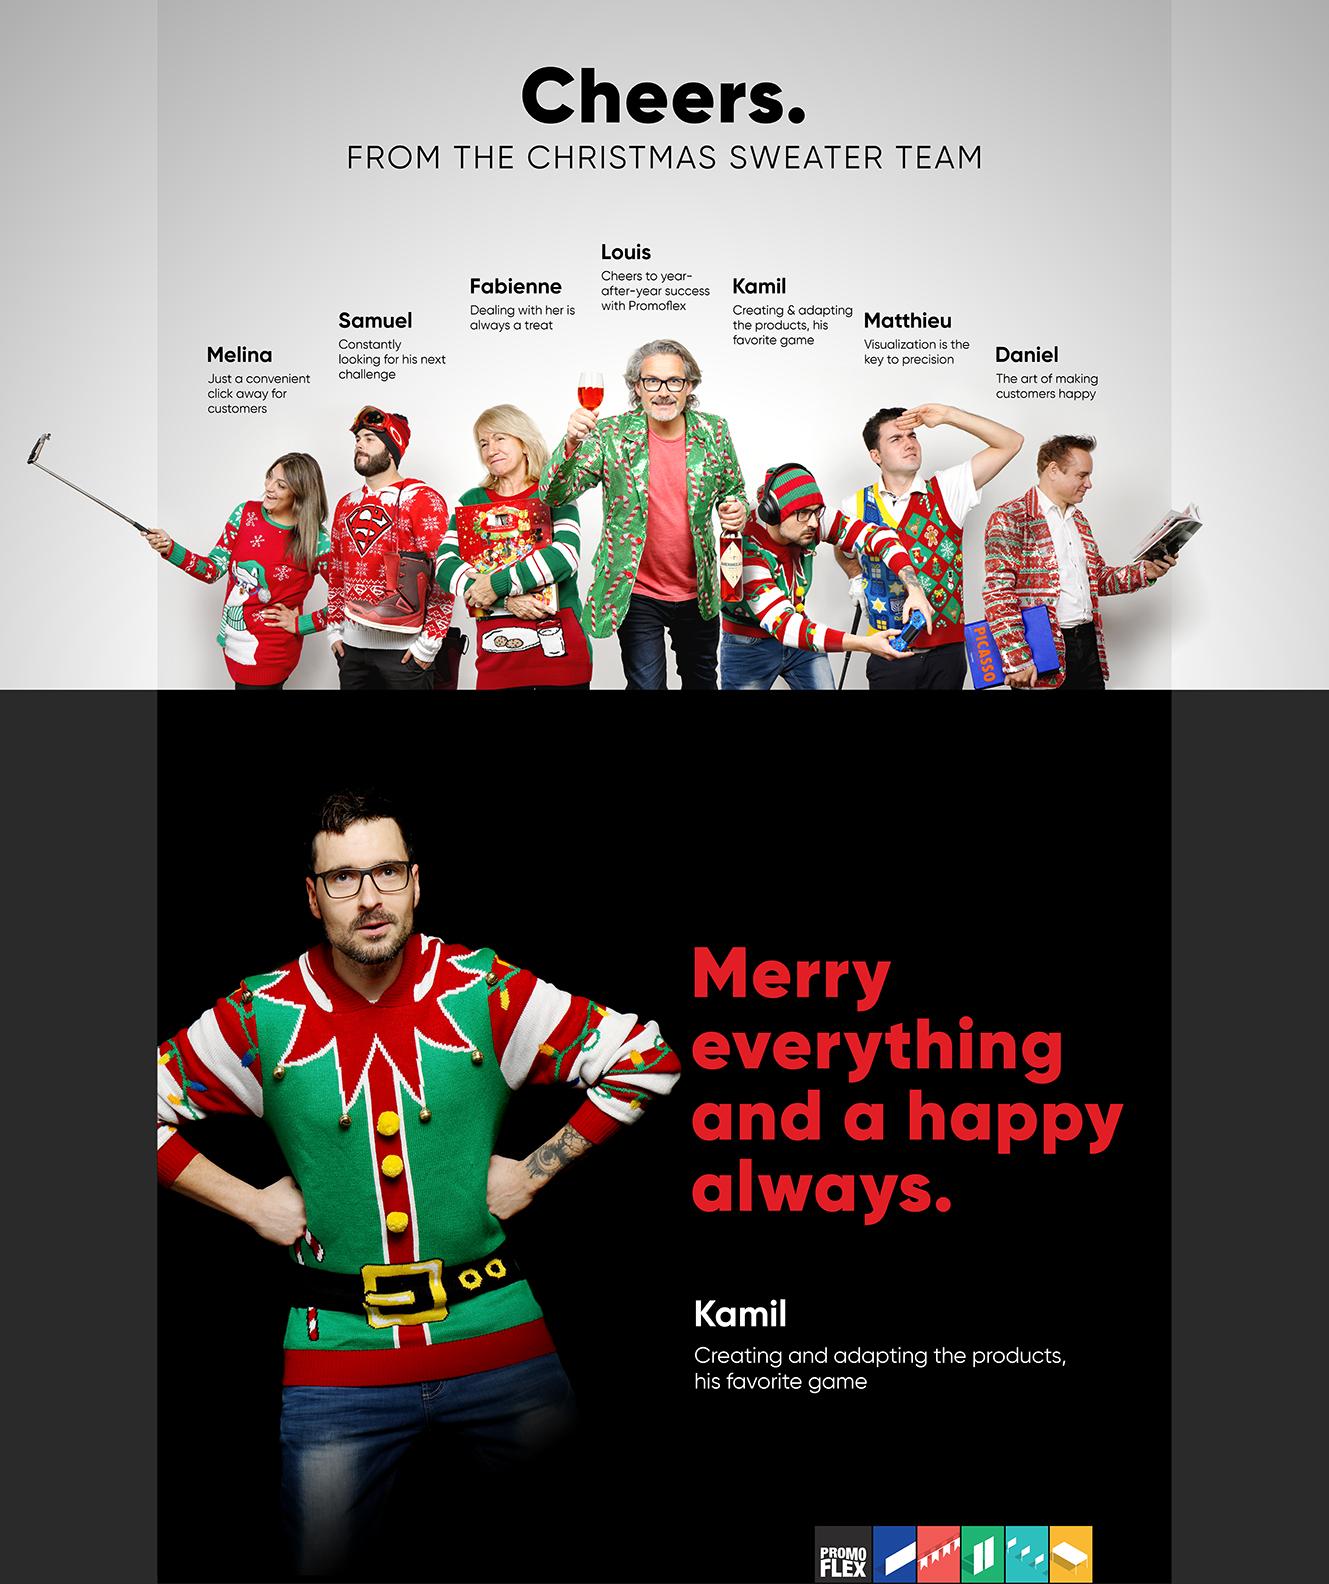 Holiday_sending_2018_grp_kamil_en.jpg (927 KB)